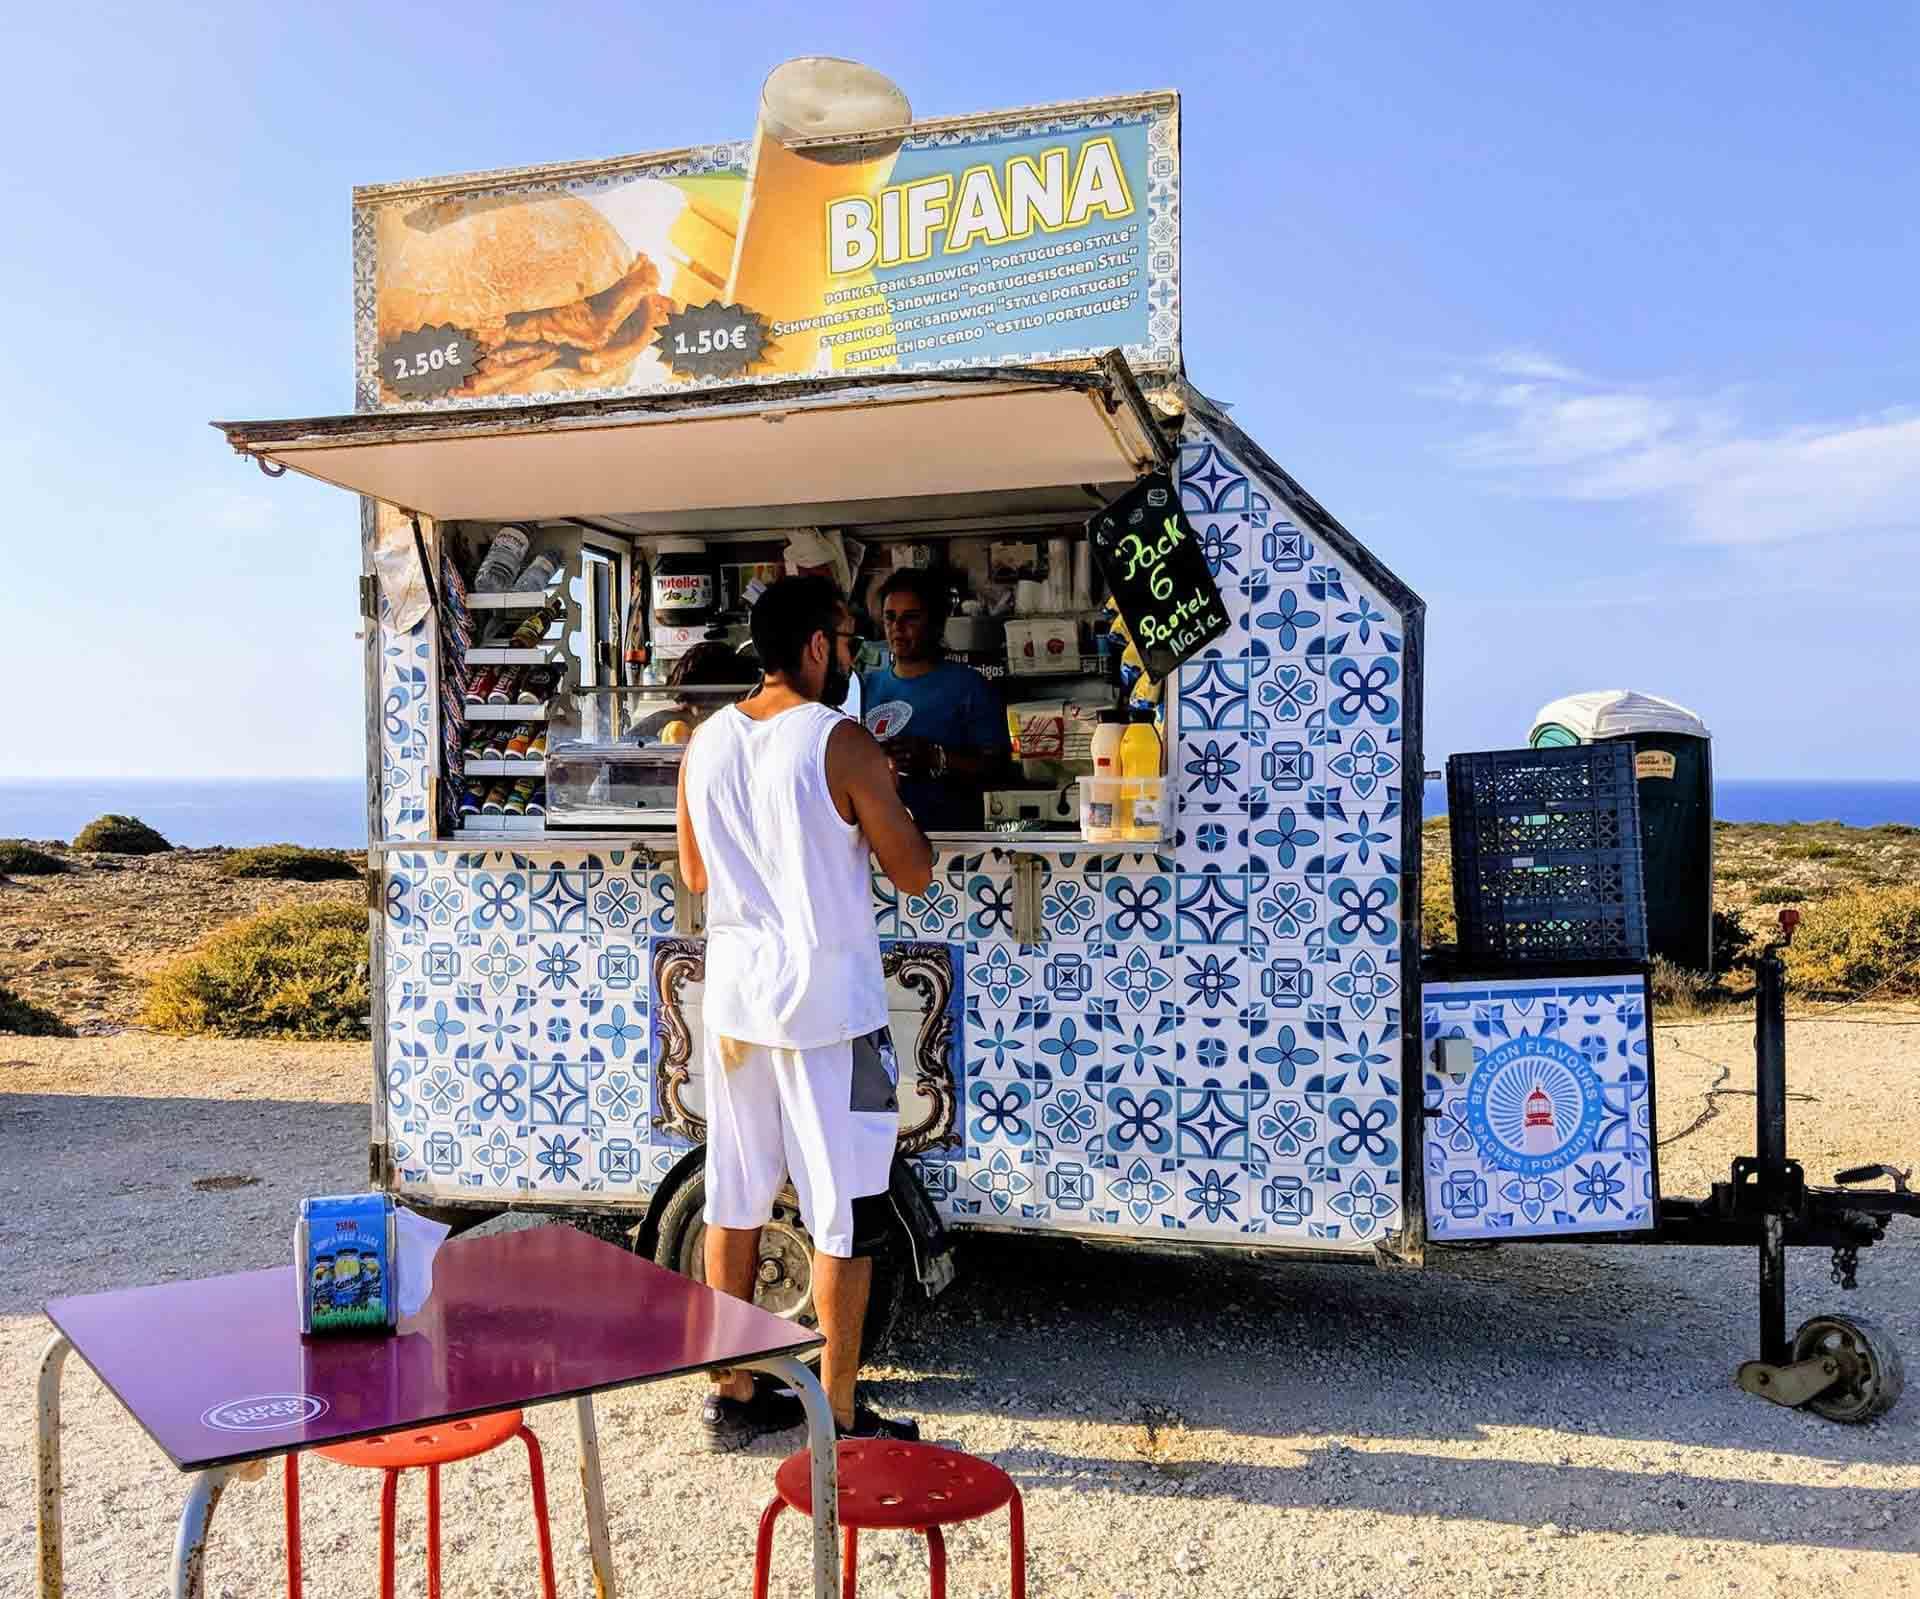 Portuguese street food van